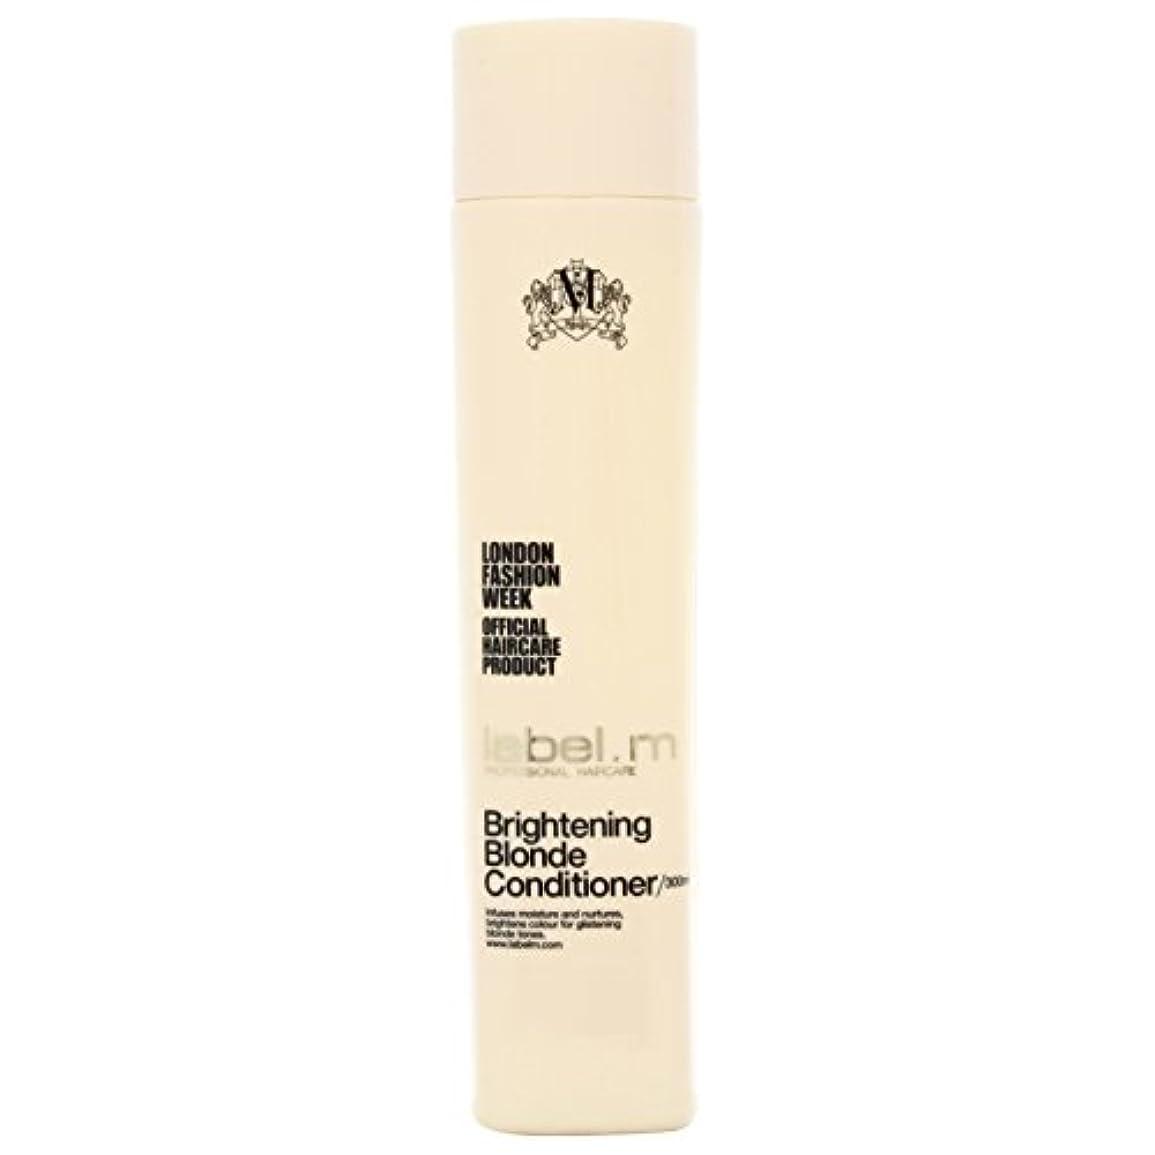 レーベルエム ブライトニングブロンド コンディショナー (髪に潤いと栄養を与えて明るく輝くブロンドヘアに) 300ml/10oz